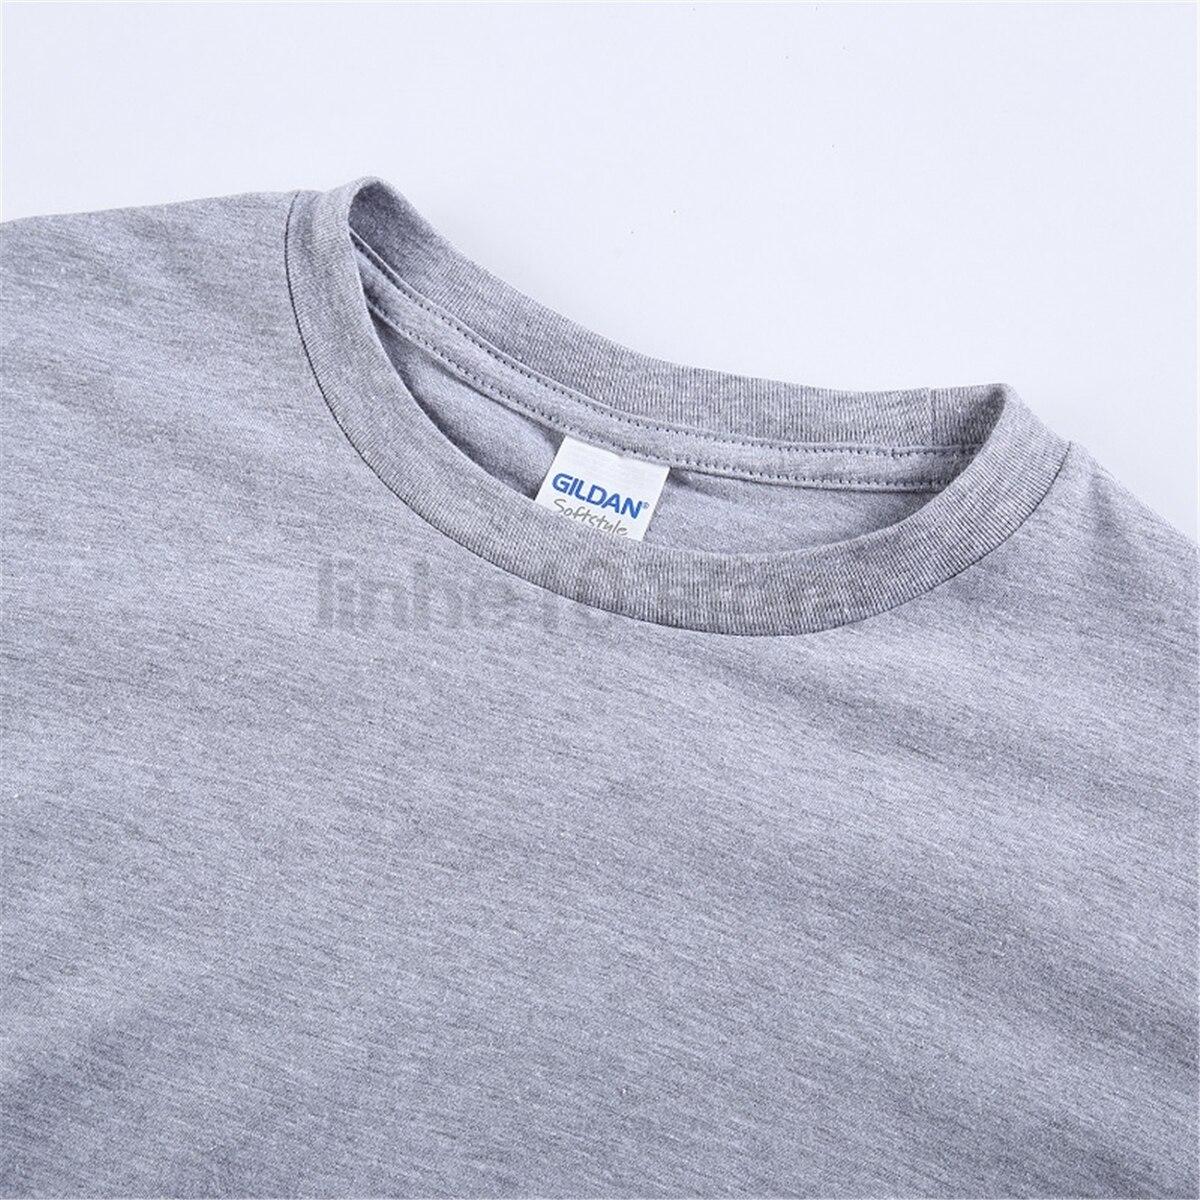 GILDAN Occupy Mars T-shirt Terraform Shirt Womens T-shirt